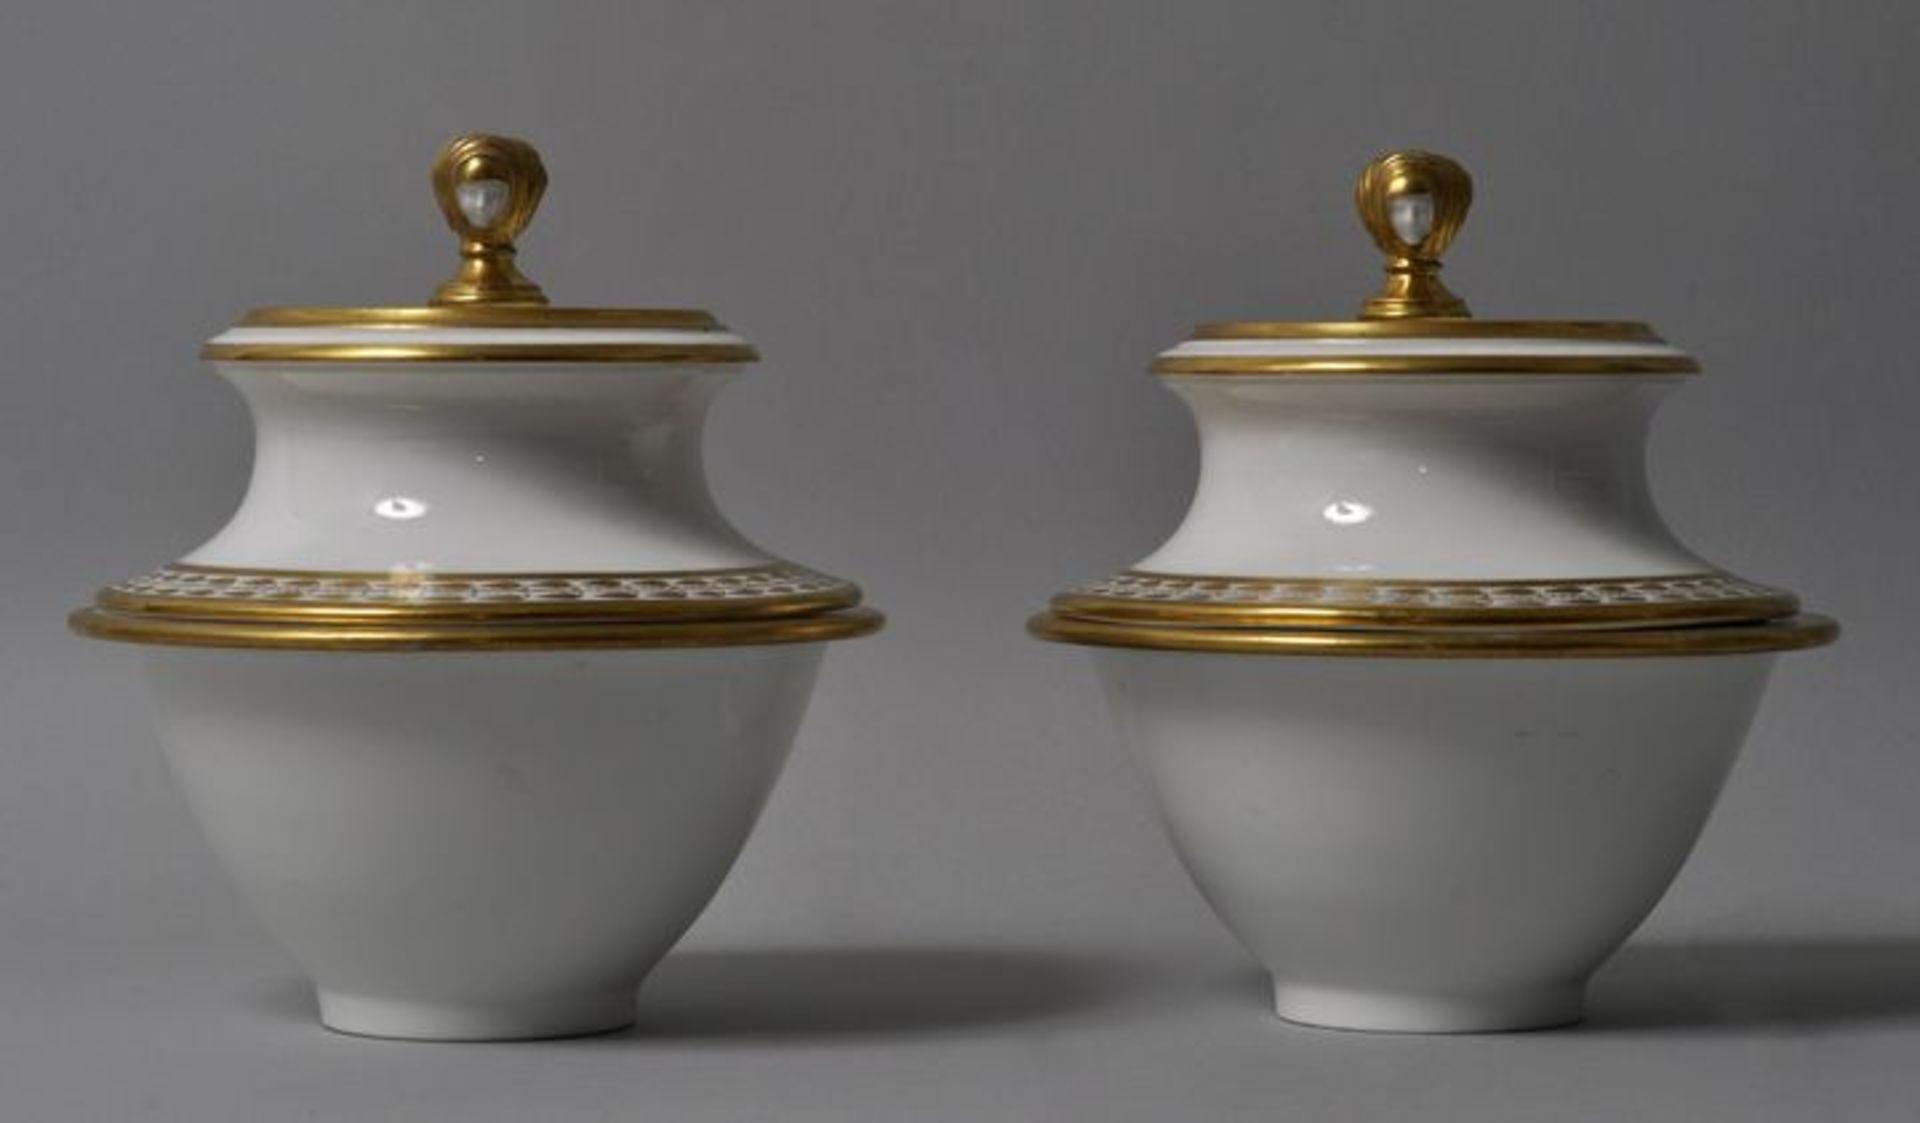 Los 20 - Paar Kaviardosen, Russland, 2. Drittel 19. Jh.Porzellan, Golddekoration. Zweiteilig mit...